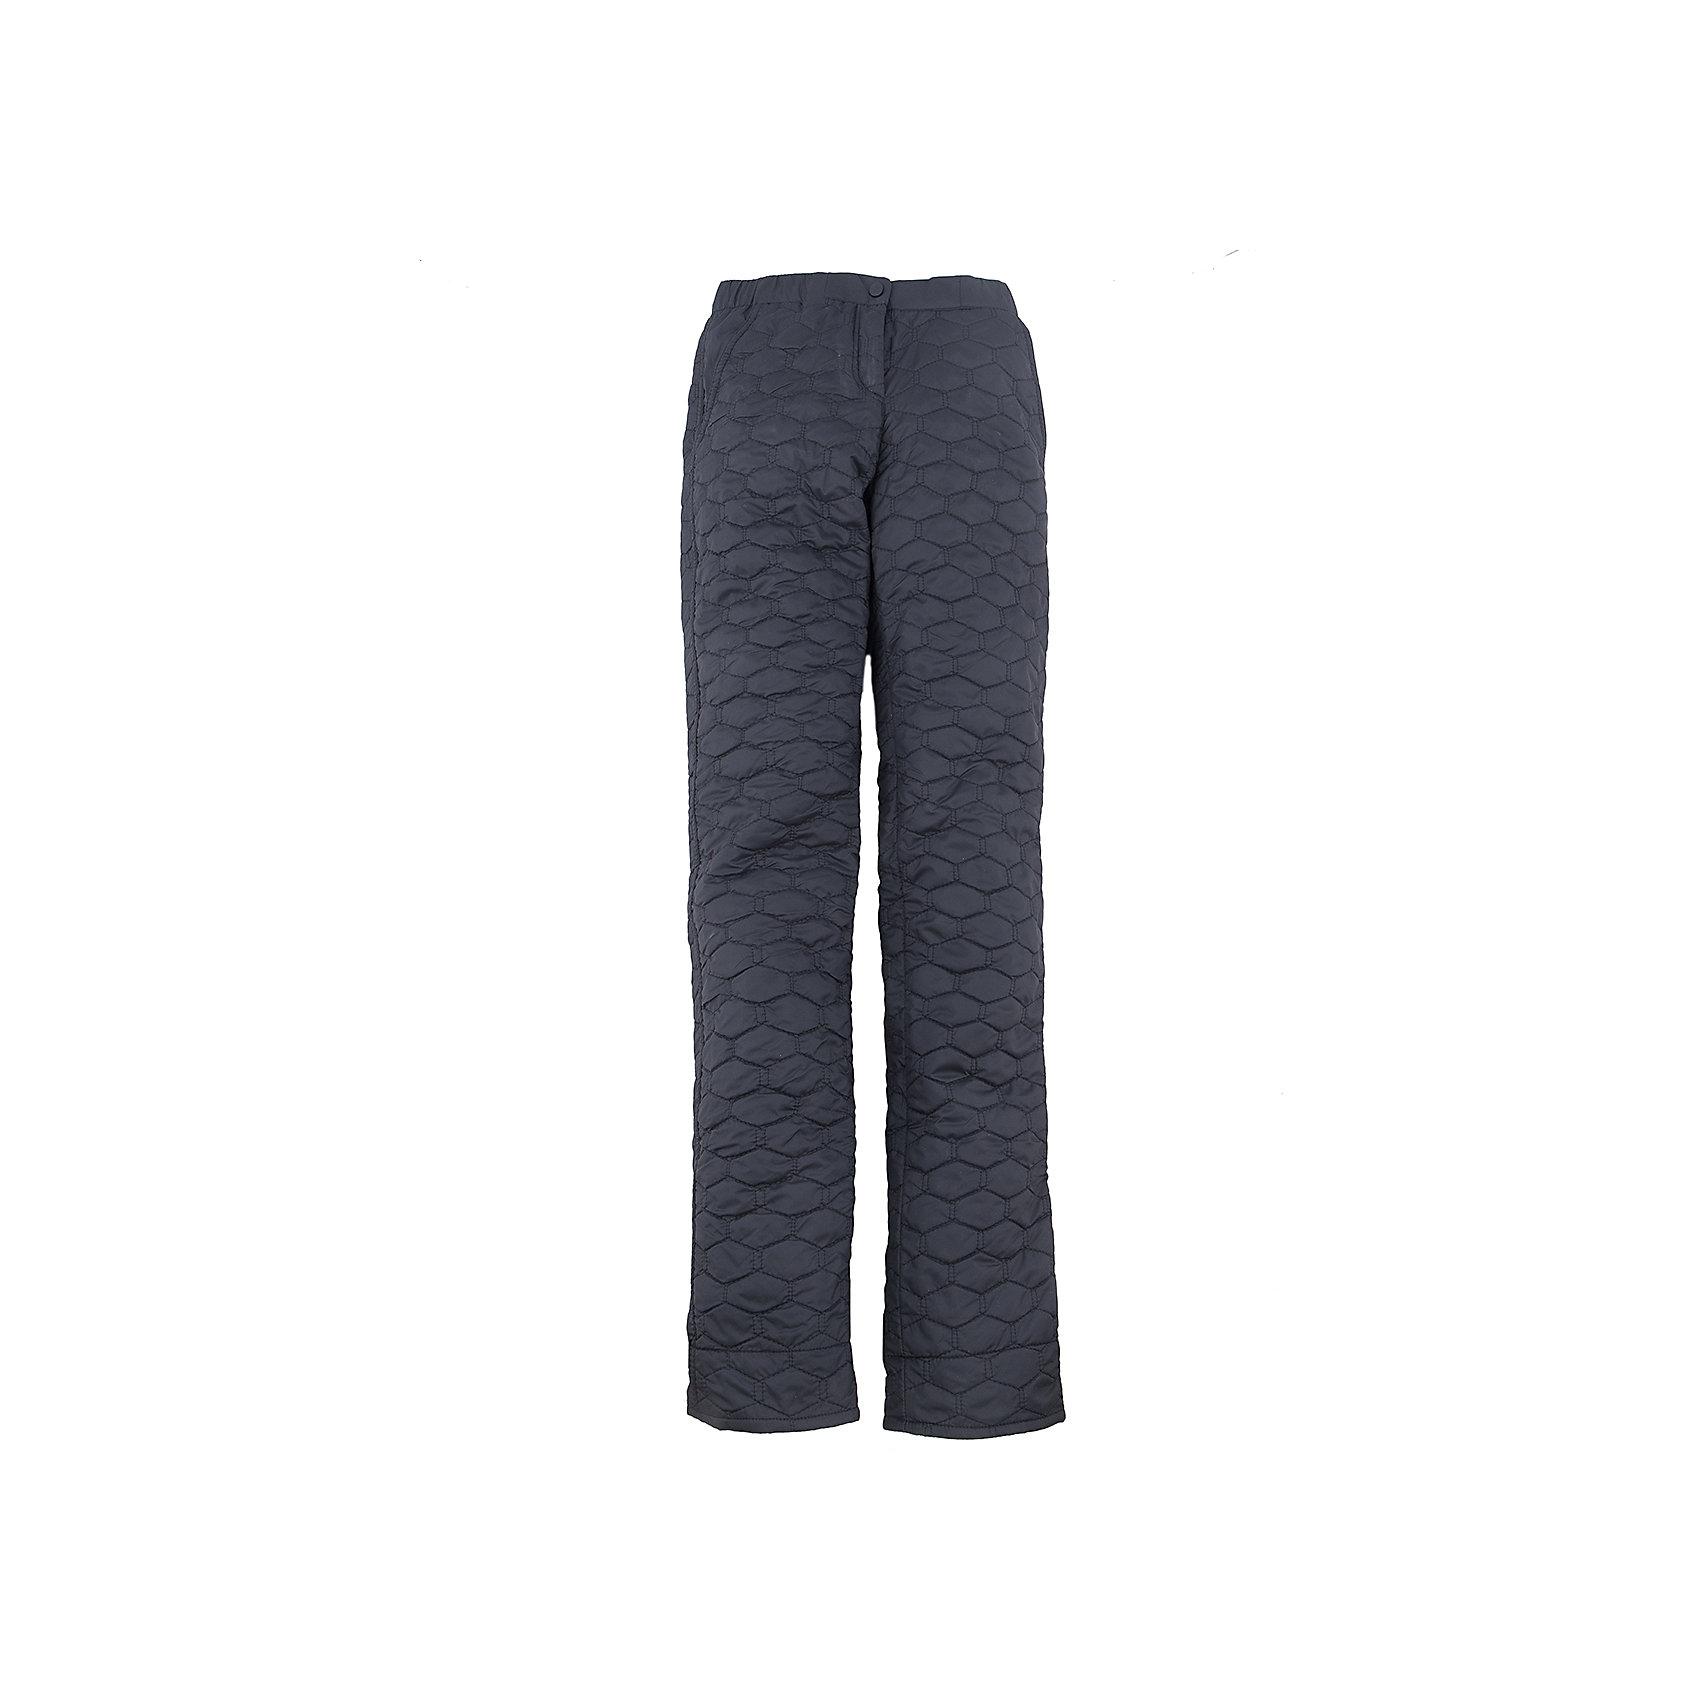 Брюки для девочки BOOM by OrbyВерхняя одежда<br>Характеристики товара:<br><br>• цвет: черный<br>• состав: 100% полиэстер; верх - таффета, подкладка - флис, без утеплителя<br>• температурный режим: от +15°до +5°С<br>• стеганые<br>• до 122 роста комплектуются съемными эластичными бретелями.<br>• с 128 роста есть регулировка по полноте и ширинка.<br>• карманы<br>• комфортная посадка<br>• страна производства: Российская Федерация<br>• страна бренда: Российская Федерация<br>• коллекция: весна-лето 2017<br><br><br>Такие брюки - универсальный вариант для межсезонья с постоянно меняющейся погодой. Эта модель - модная и удобная одновременно! Изделие отличается стильным продуманным дизайном. Брюки хорошо сидят по фигуре, отлично сочетаются с различным верхом. Вещь была разработана специально для детей.<br><br>Одежда от российского бренда BOOM by Orby уже завоевала популярностью у многих детей и их родителей. Вещи, выпускаемые компанией, качественные, продуманные и очень удобные. Для производства коллекций используются только безопасные для детей материалы. Спешите приобрести модели из новой коллекции Весна-лето 2017! <br><br>Брюки для девочки от бренда BOOM by Orby можно купить в нашем интернет-магазине.<br><br>Ширина мм: 215<br>Глубина мм: 88<br>Высота мм: 191<br>Вес г: 336<br>Цвет: черный<br>Возраст от месяцев: 18<br>Возраст до месяцев: 24<br>Пол: Женский<br>Возраст: Детский<br>Размер: 152,158,104,110,98,116,122,92,128,134,140,146<br>SKU: 5343604